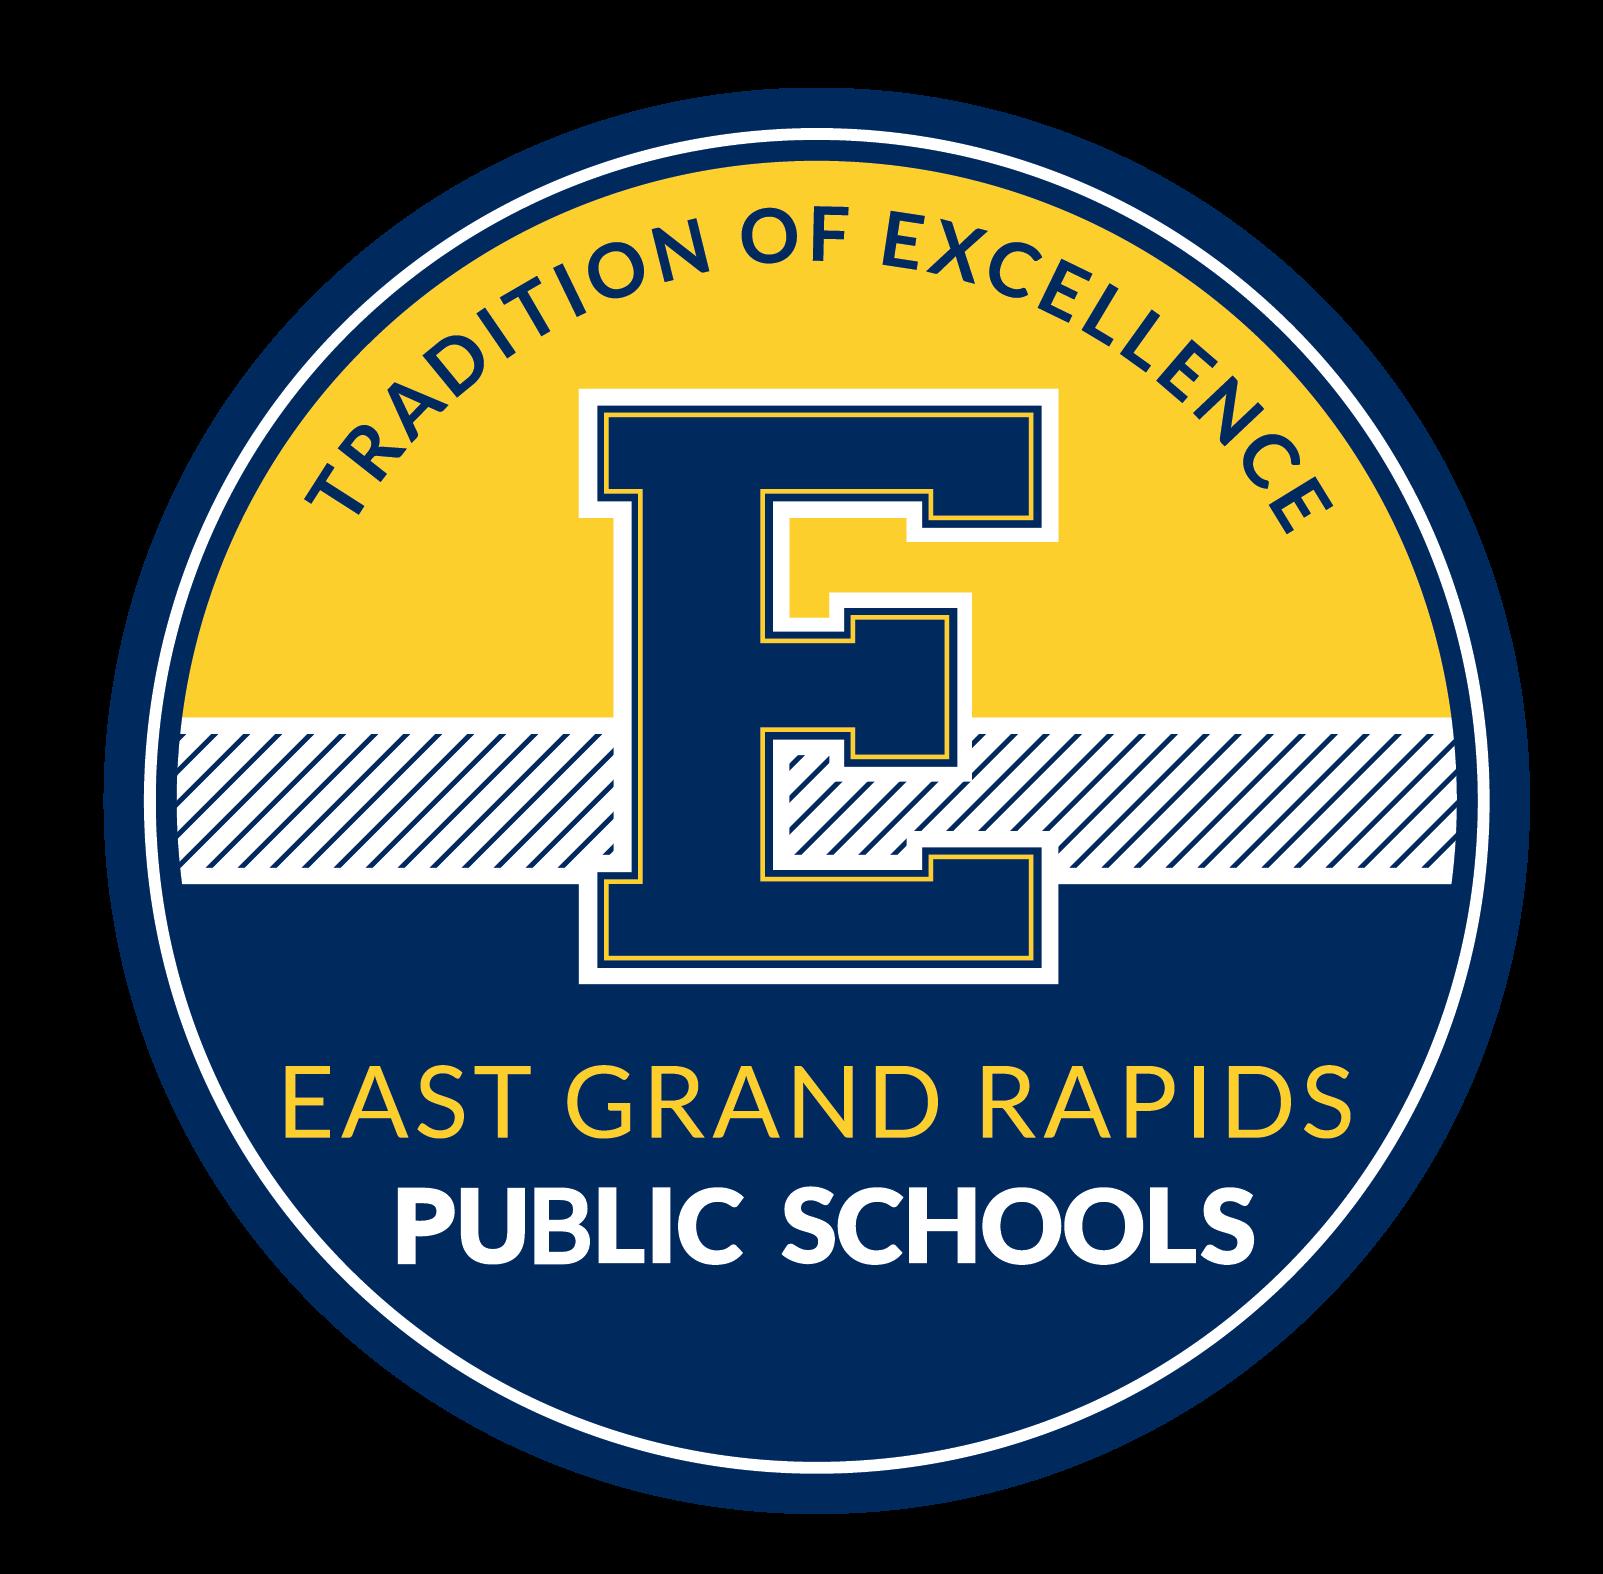 East Grand Rapids Public Schools